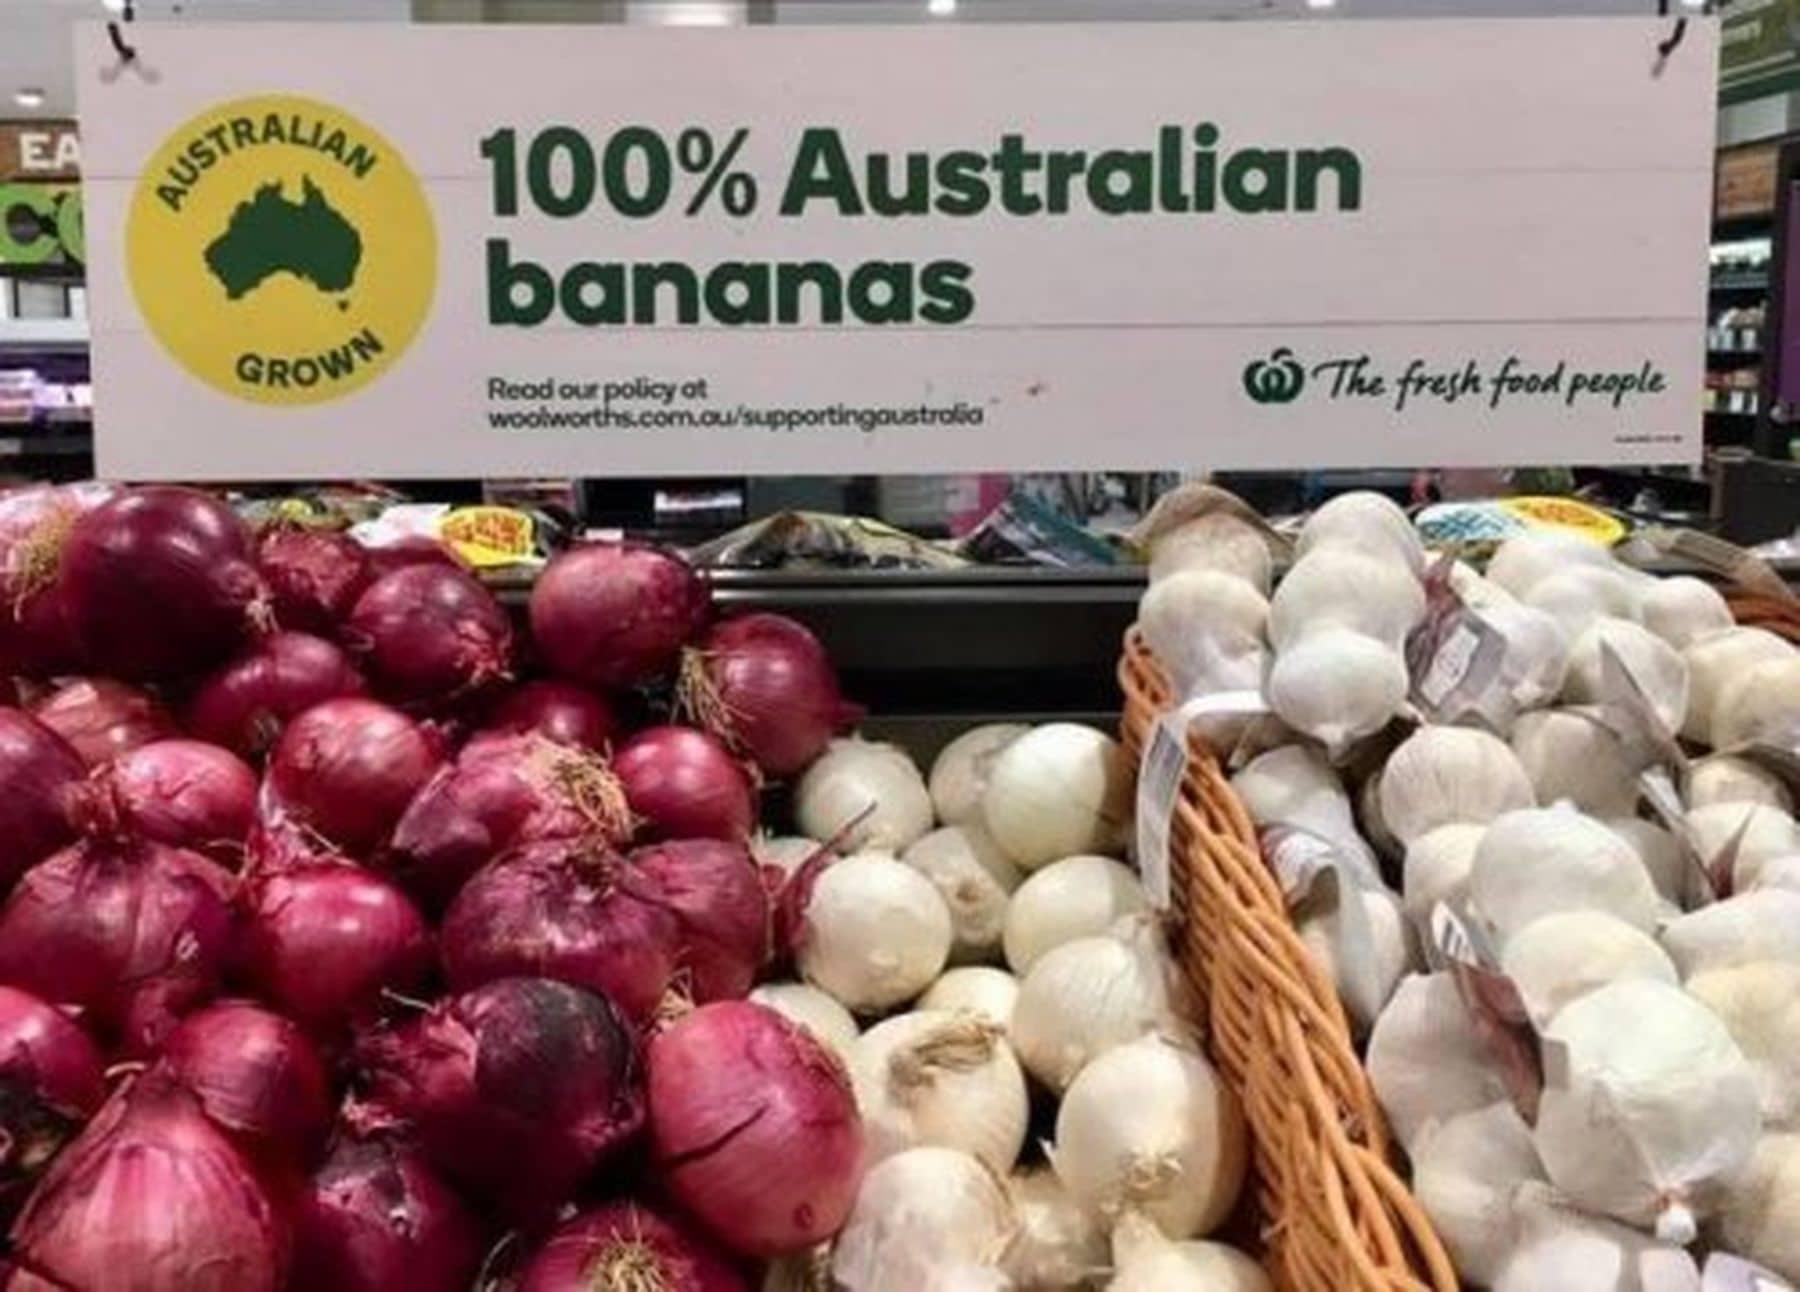 Komische Bananen haben die da in Australien | Lustiges | Was is hier eigentlich los?